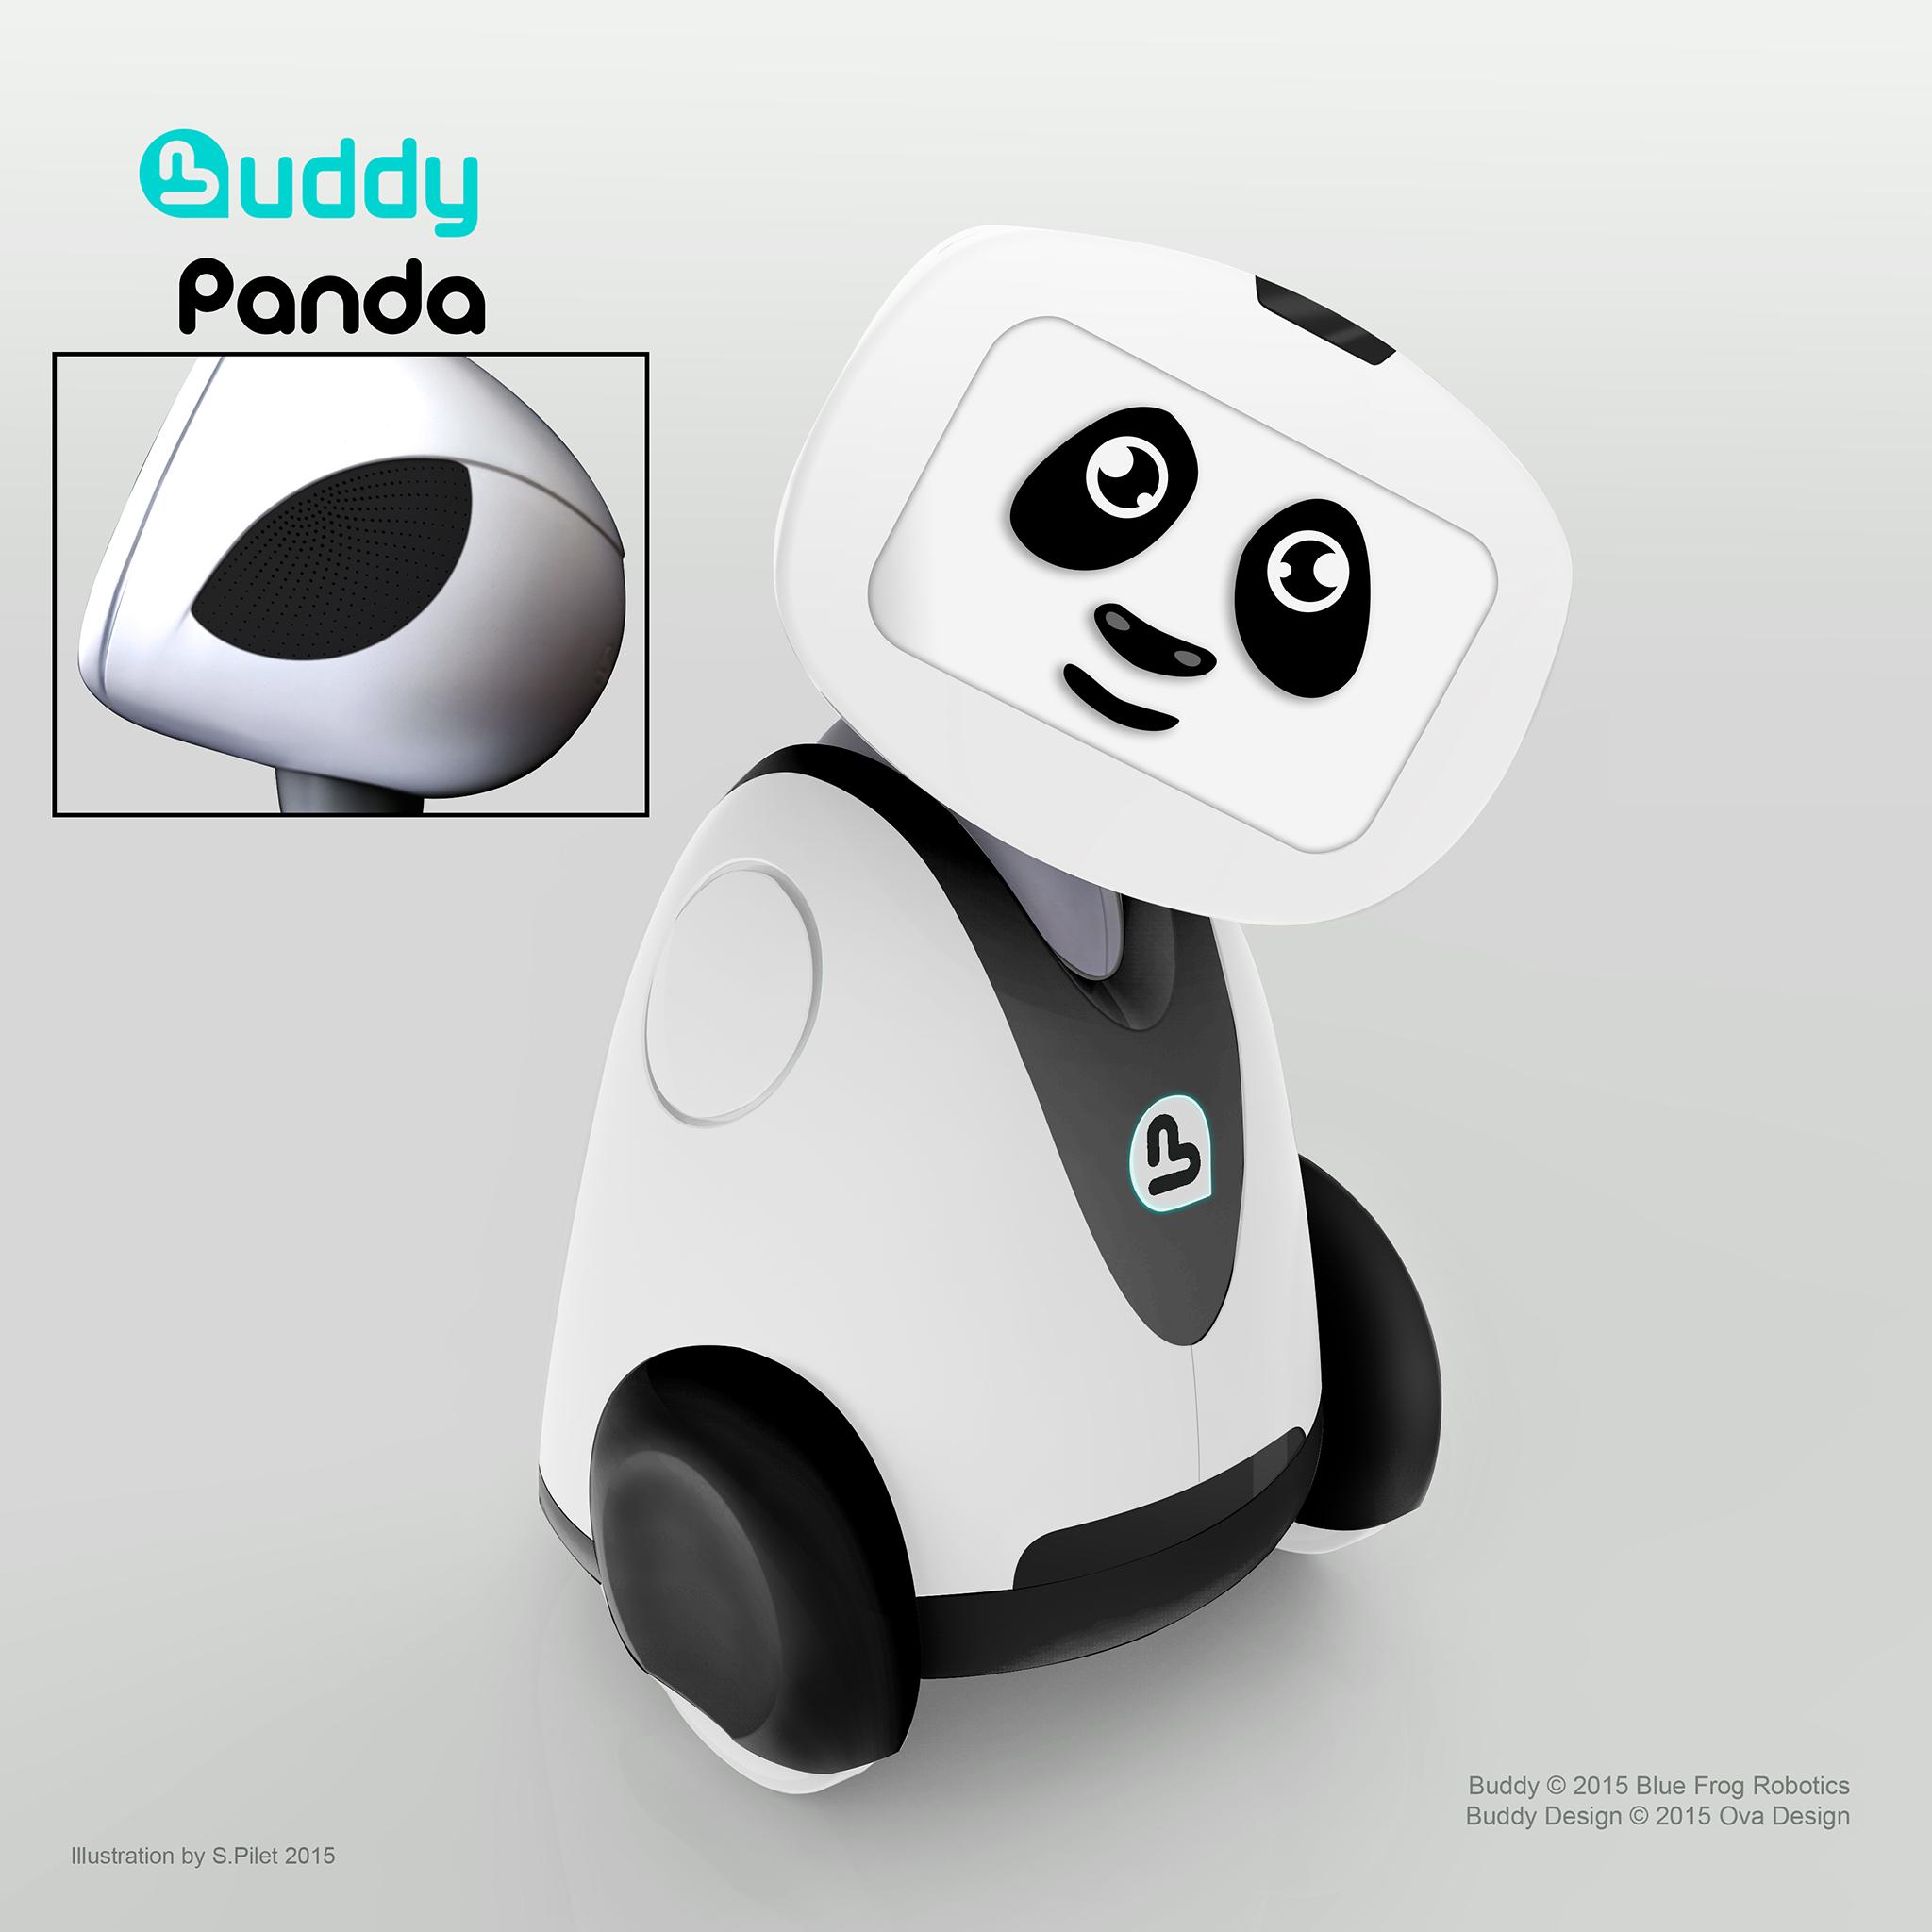 Buddy-Panda2